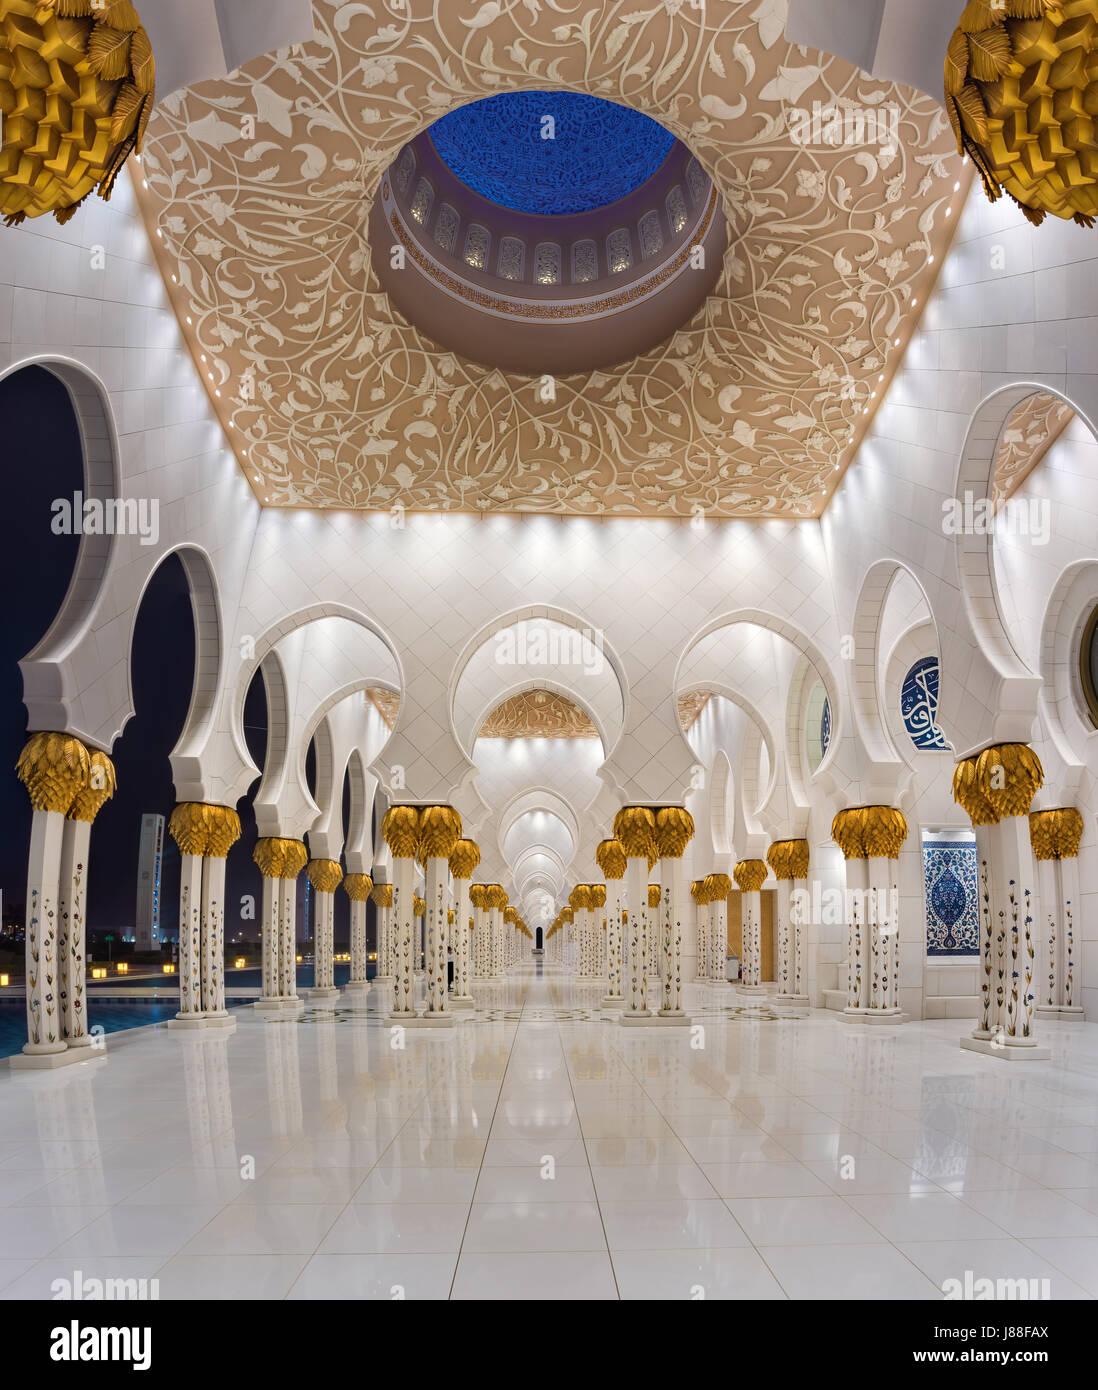 La Mosquée Sheikh Zayed La 3ème plus grande mosquée du monde Photo Stock